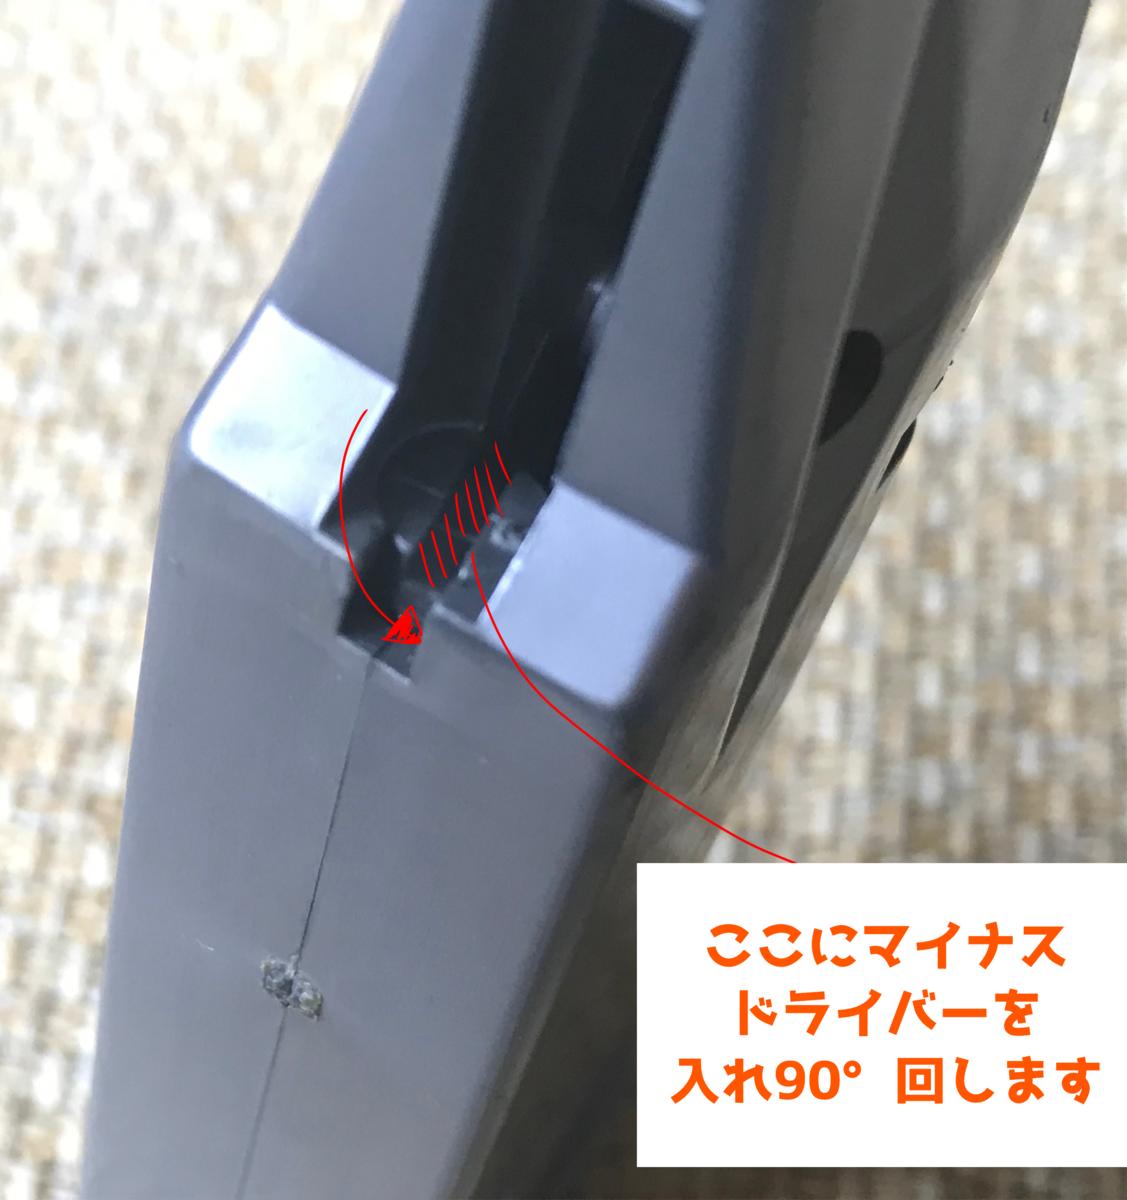 f:id:otaku8311227:20210702232324p:plain